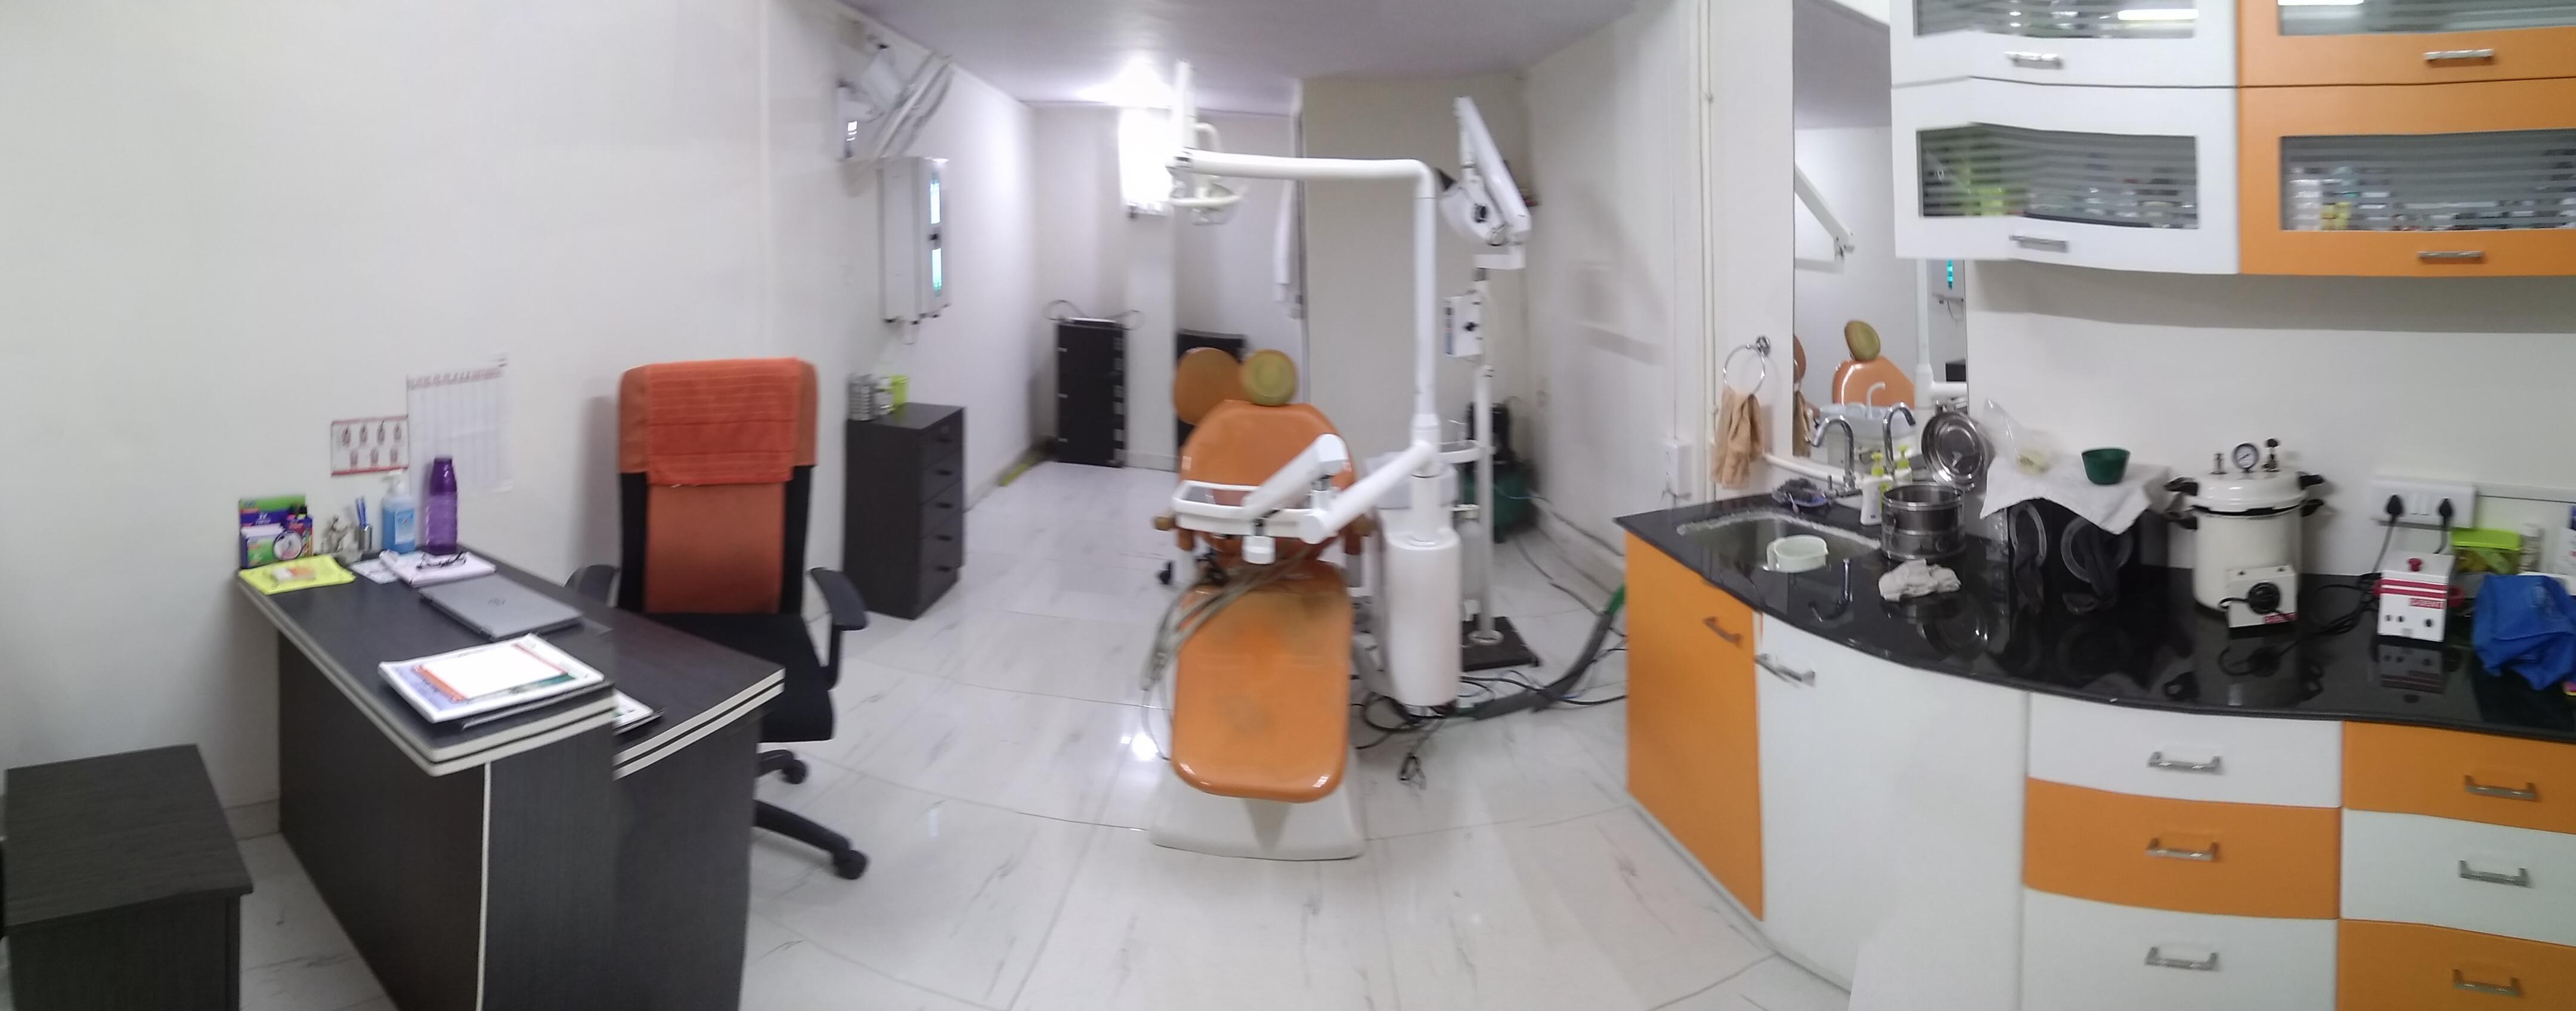 Dental Care Centre | Lybrate.com